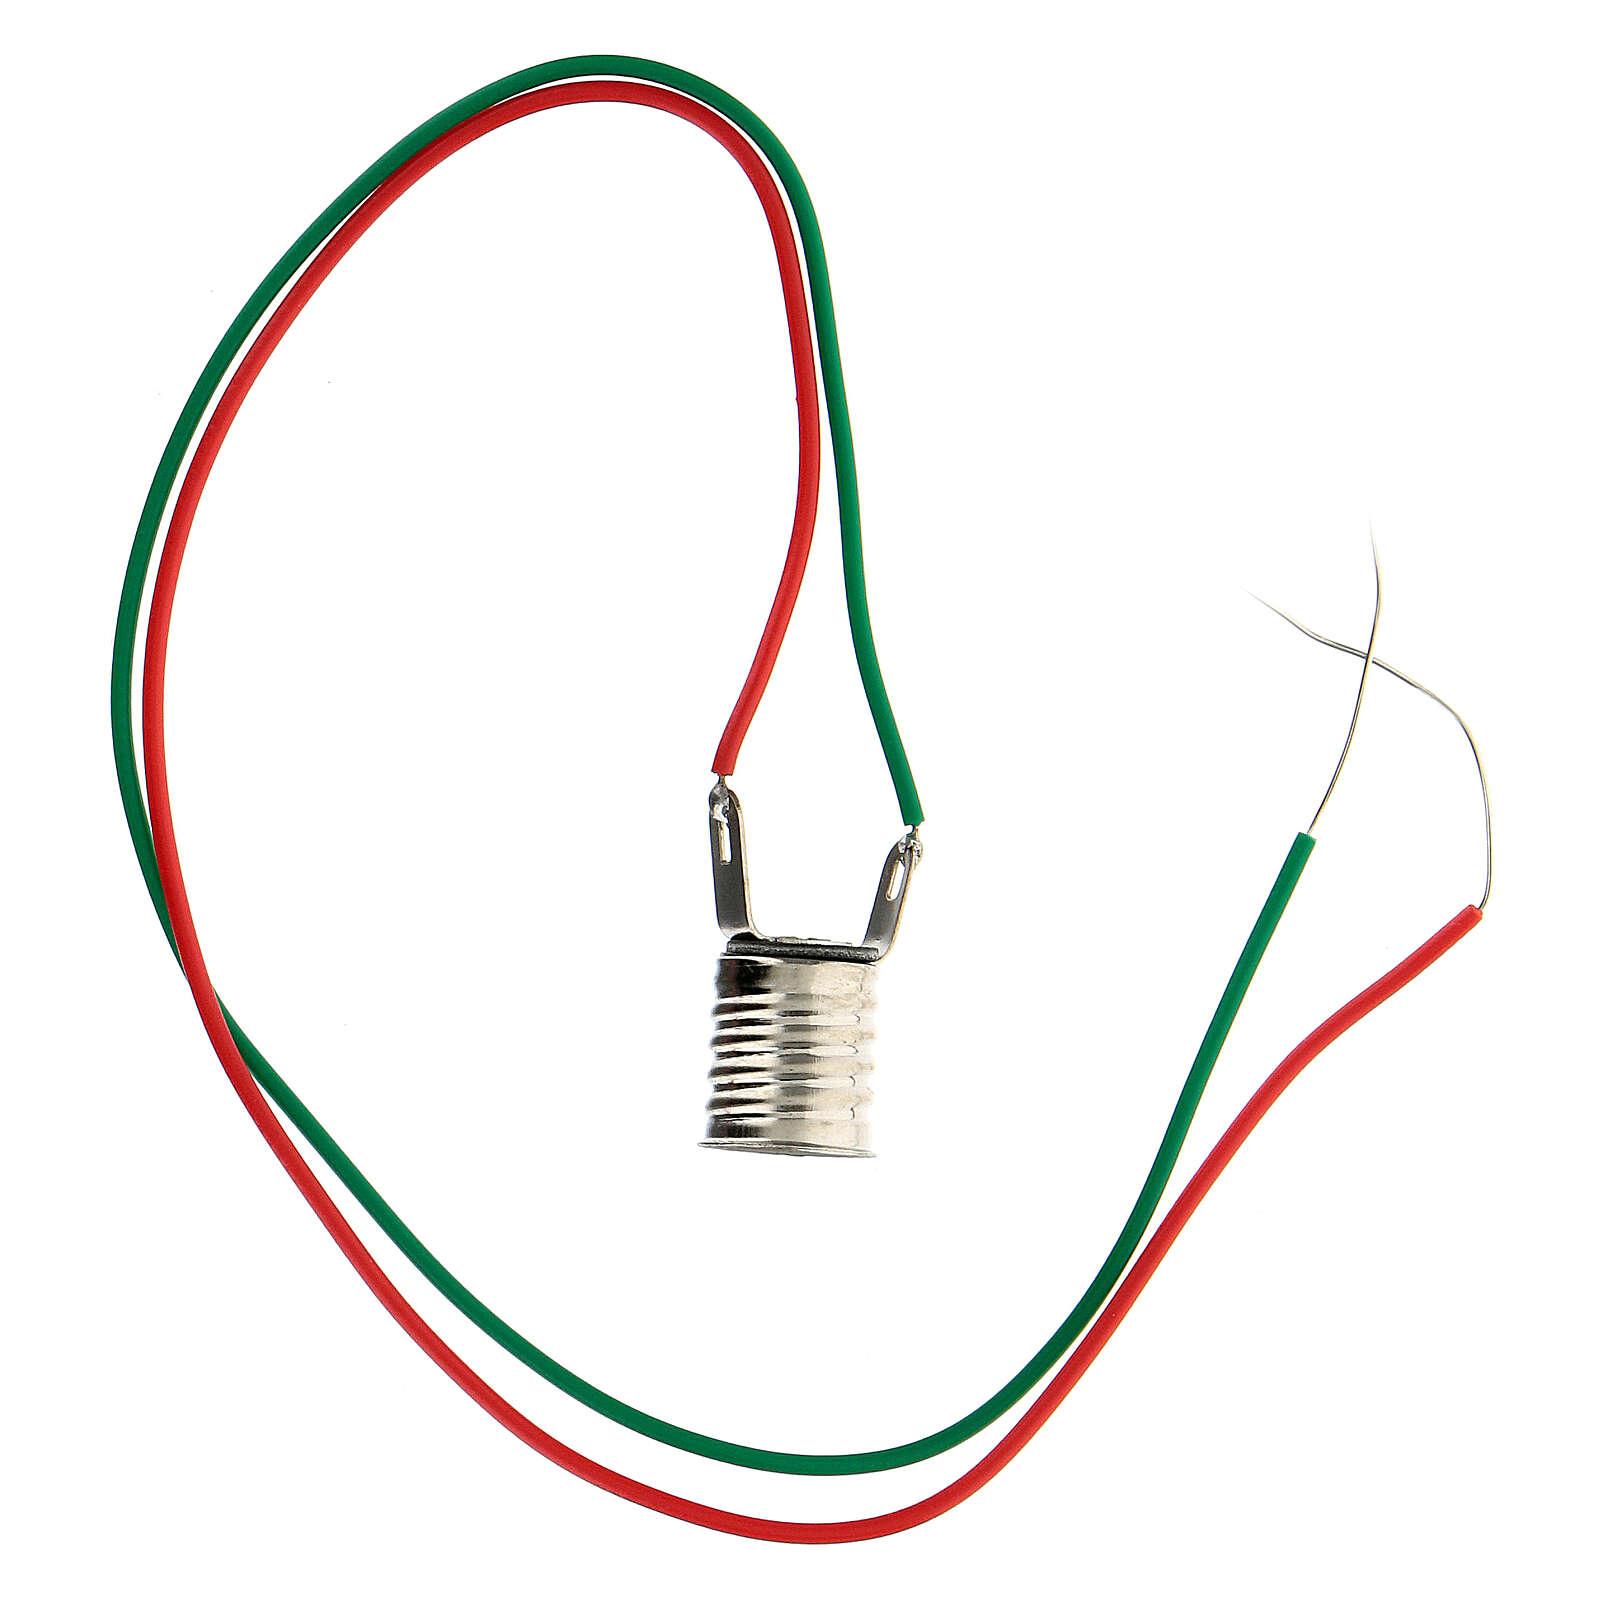 Lampenfassung E10 für Glühbirnen Micromignon C11 vereinte Drähte 4